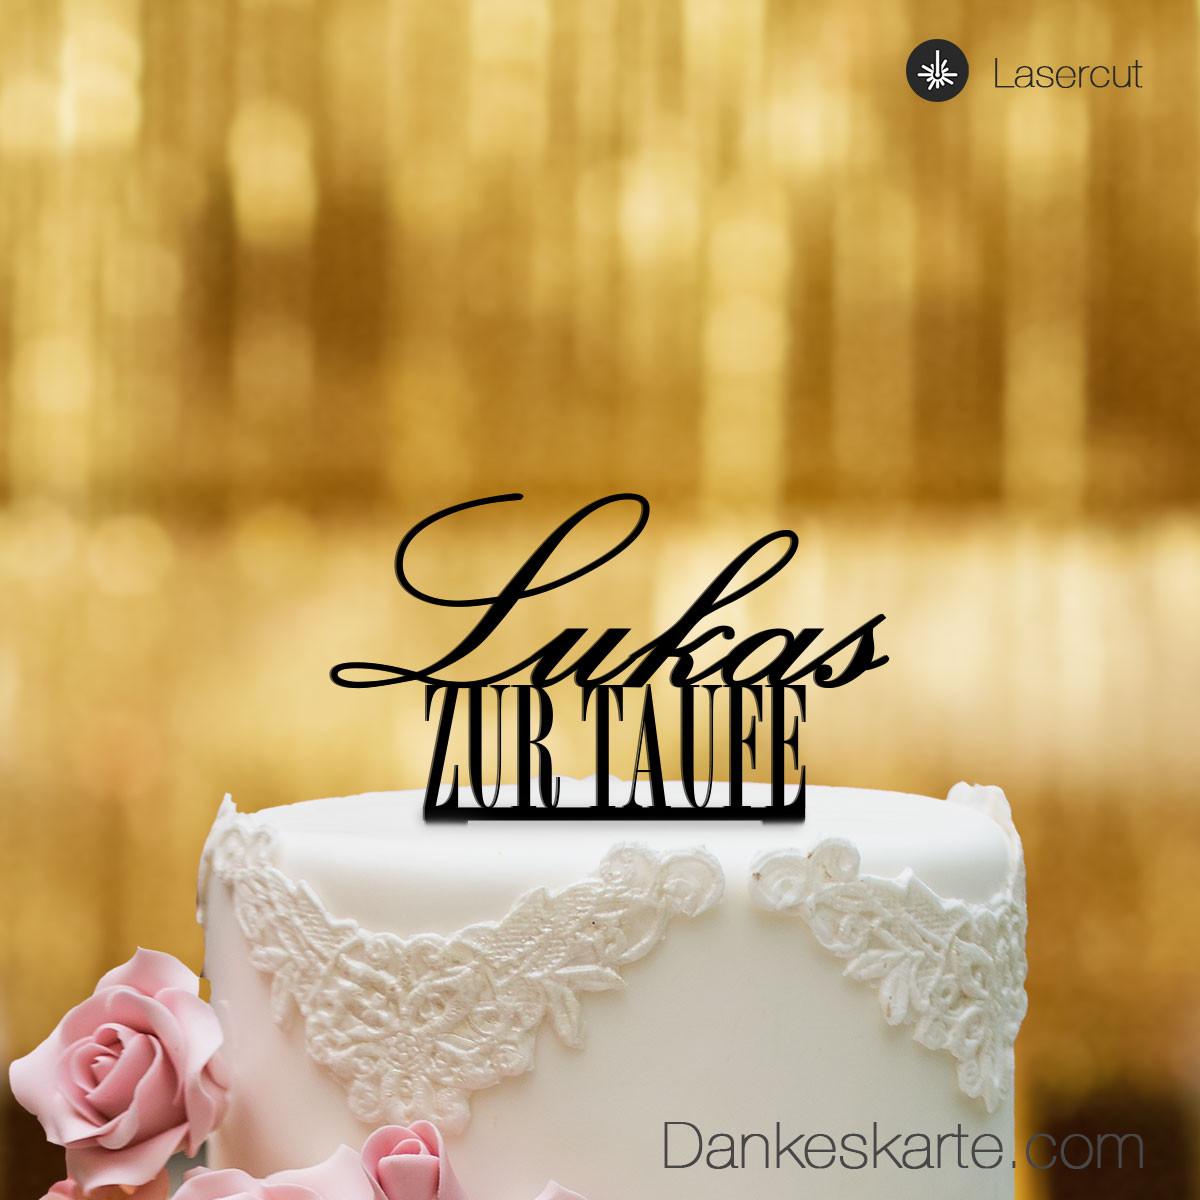 Cake Topper Zur Taufe Personalisiert Schwarz Xl